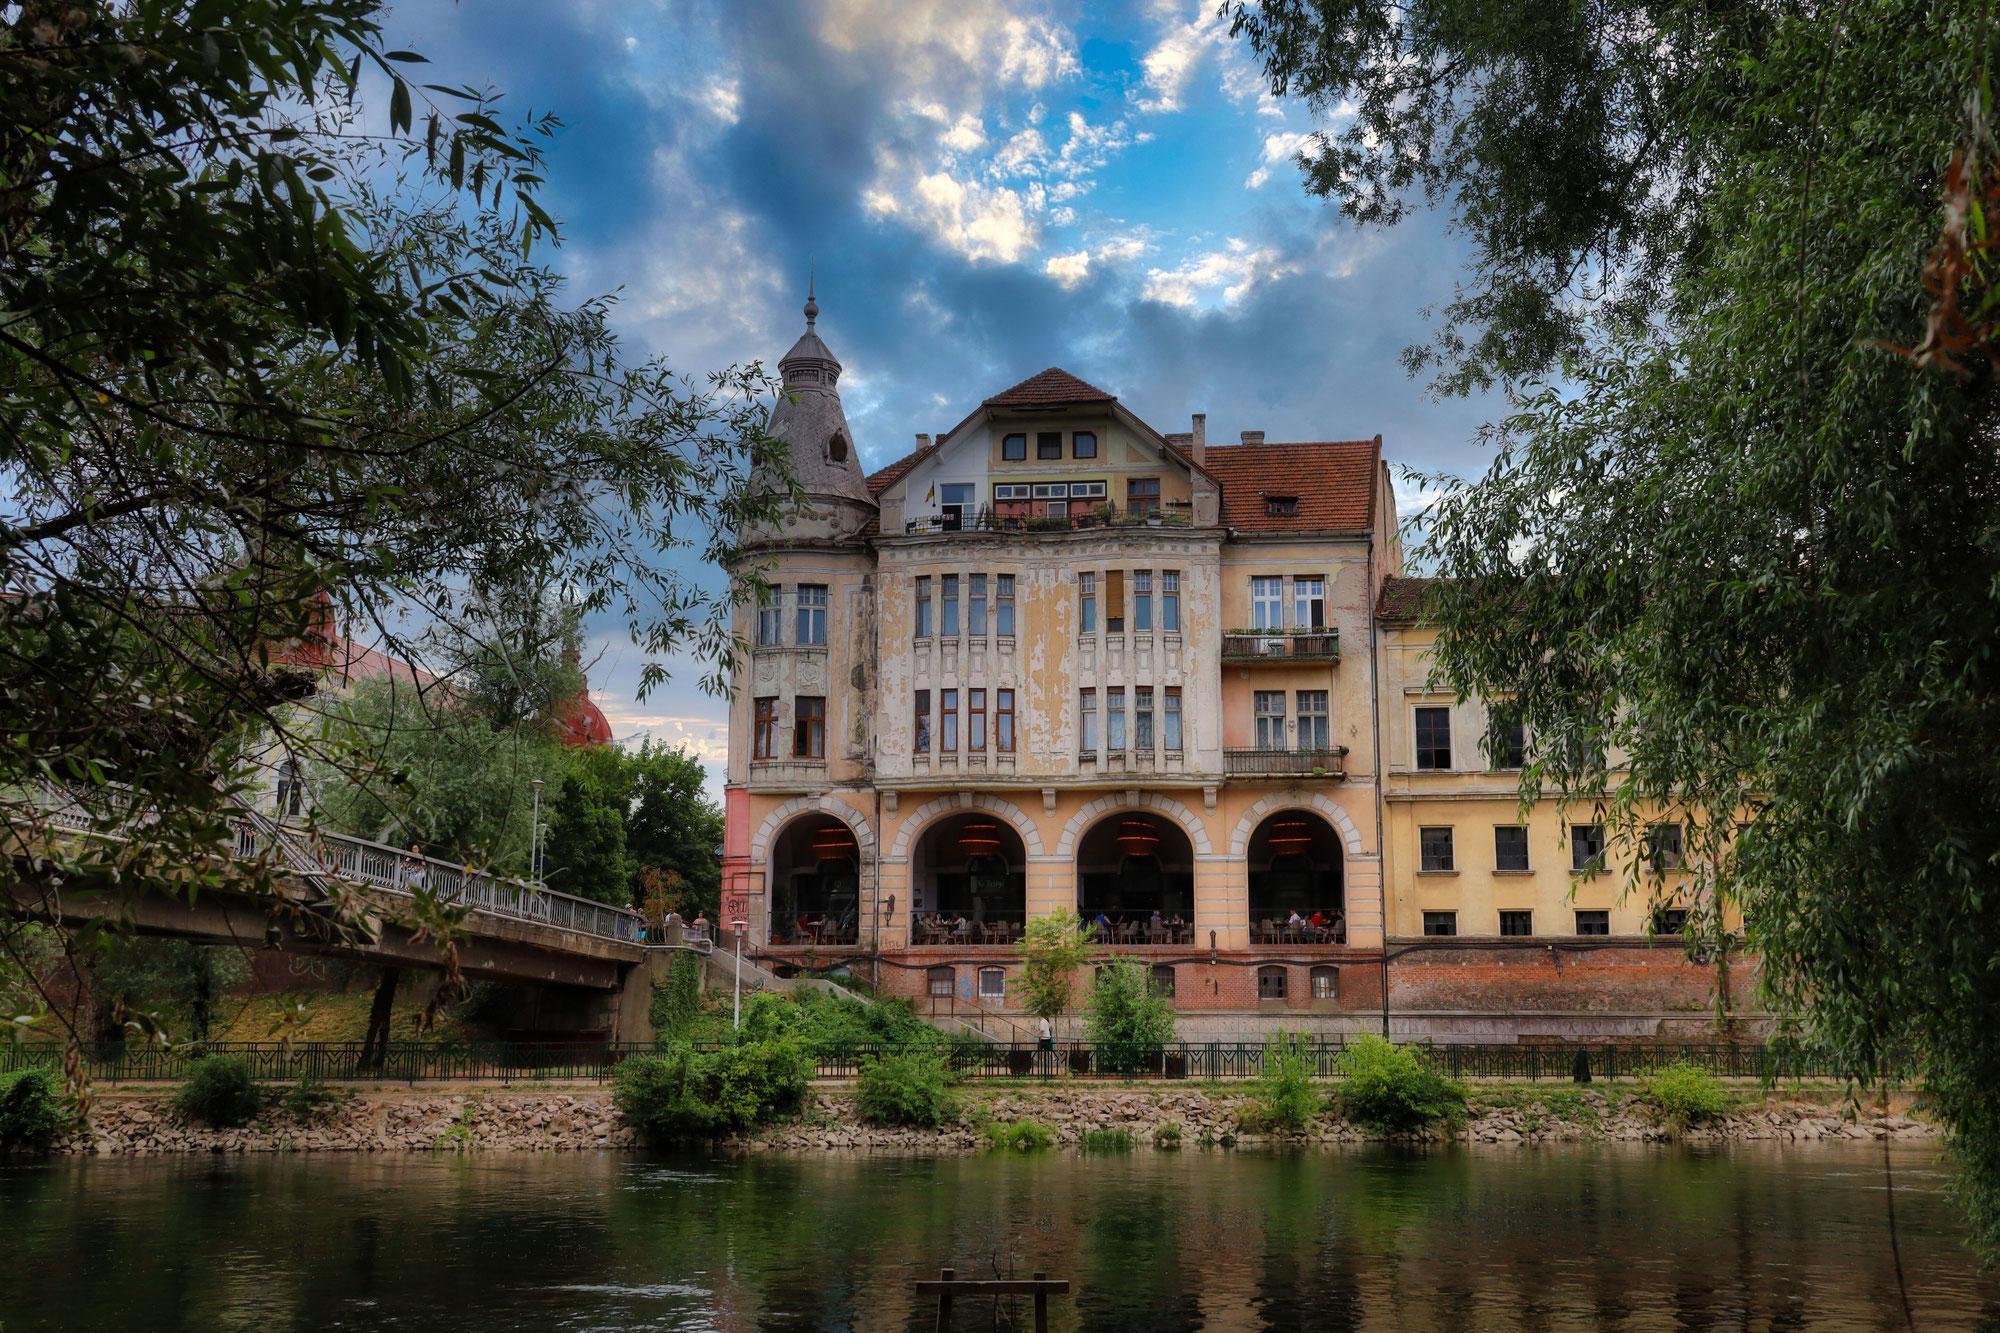 Oradea - Unbekannte Schönheit an der ungarischen Grenze